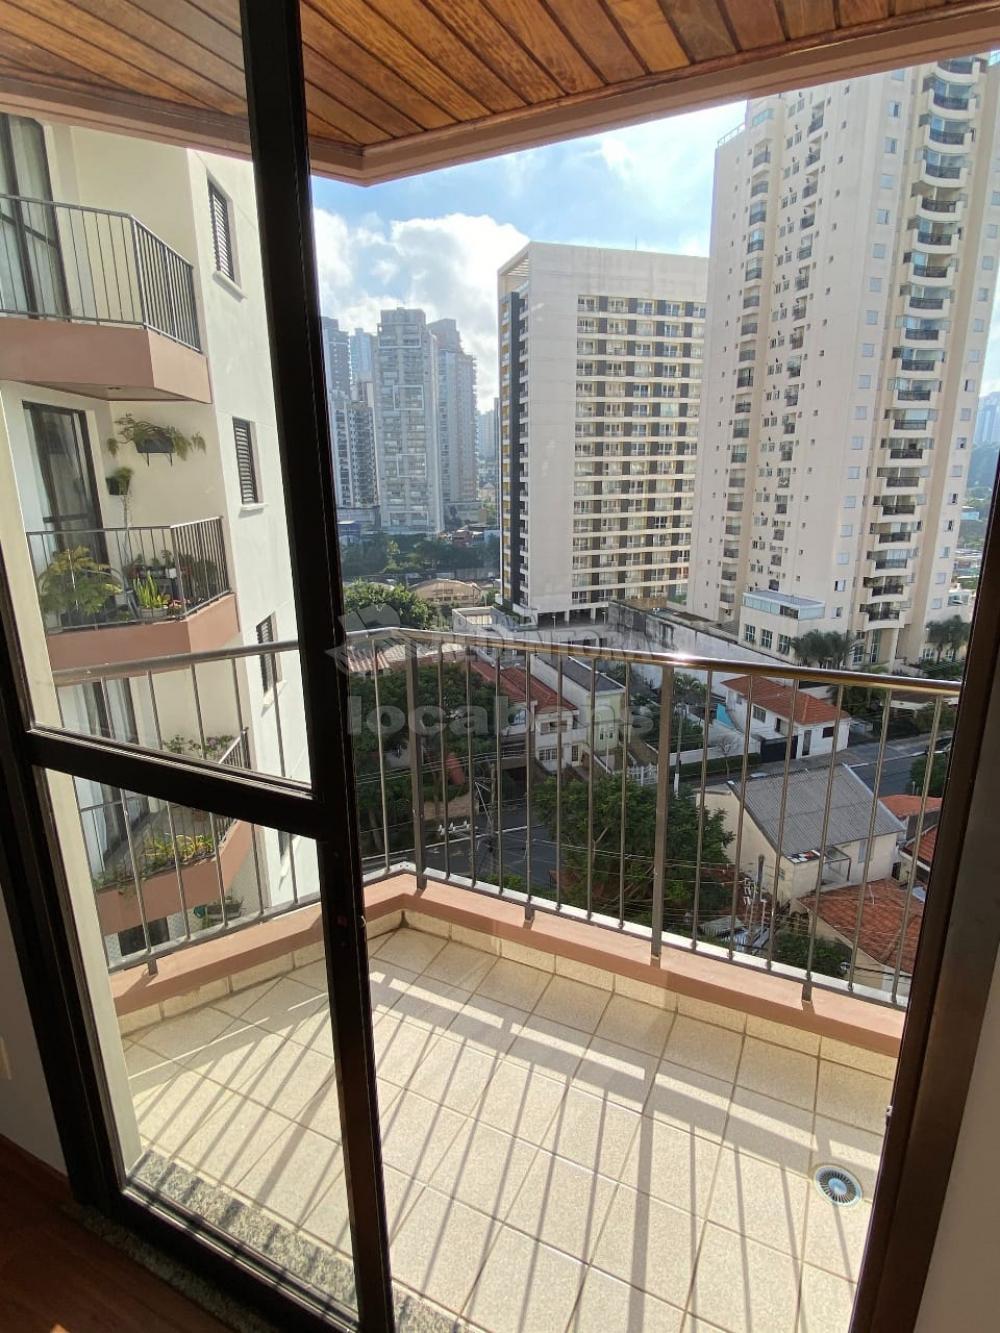 Comprar Apartamento / Padrão em São Paulo R$ 495.000,00 - Foto 6